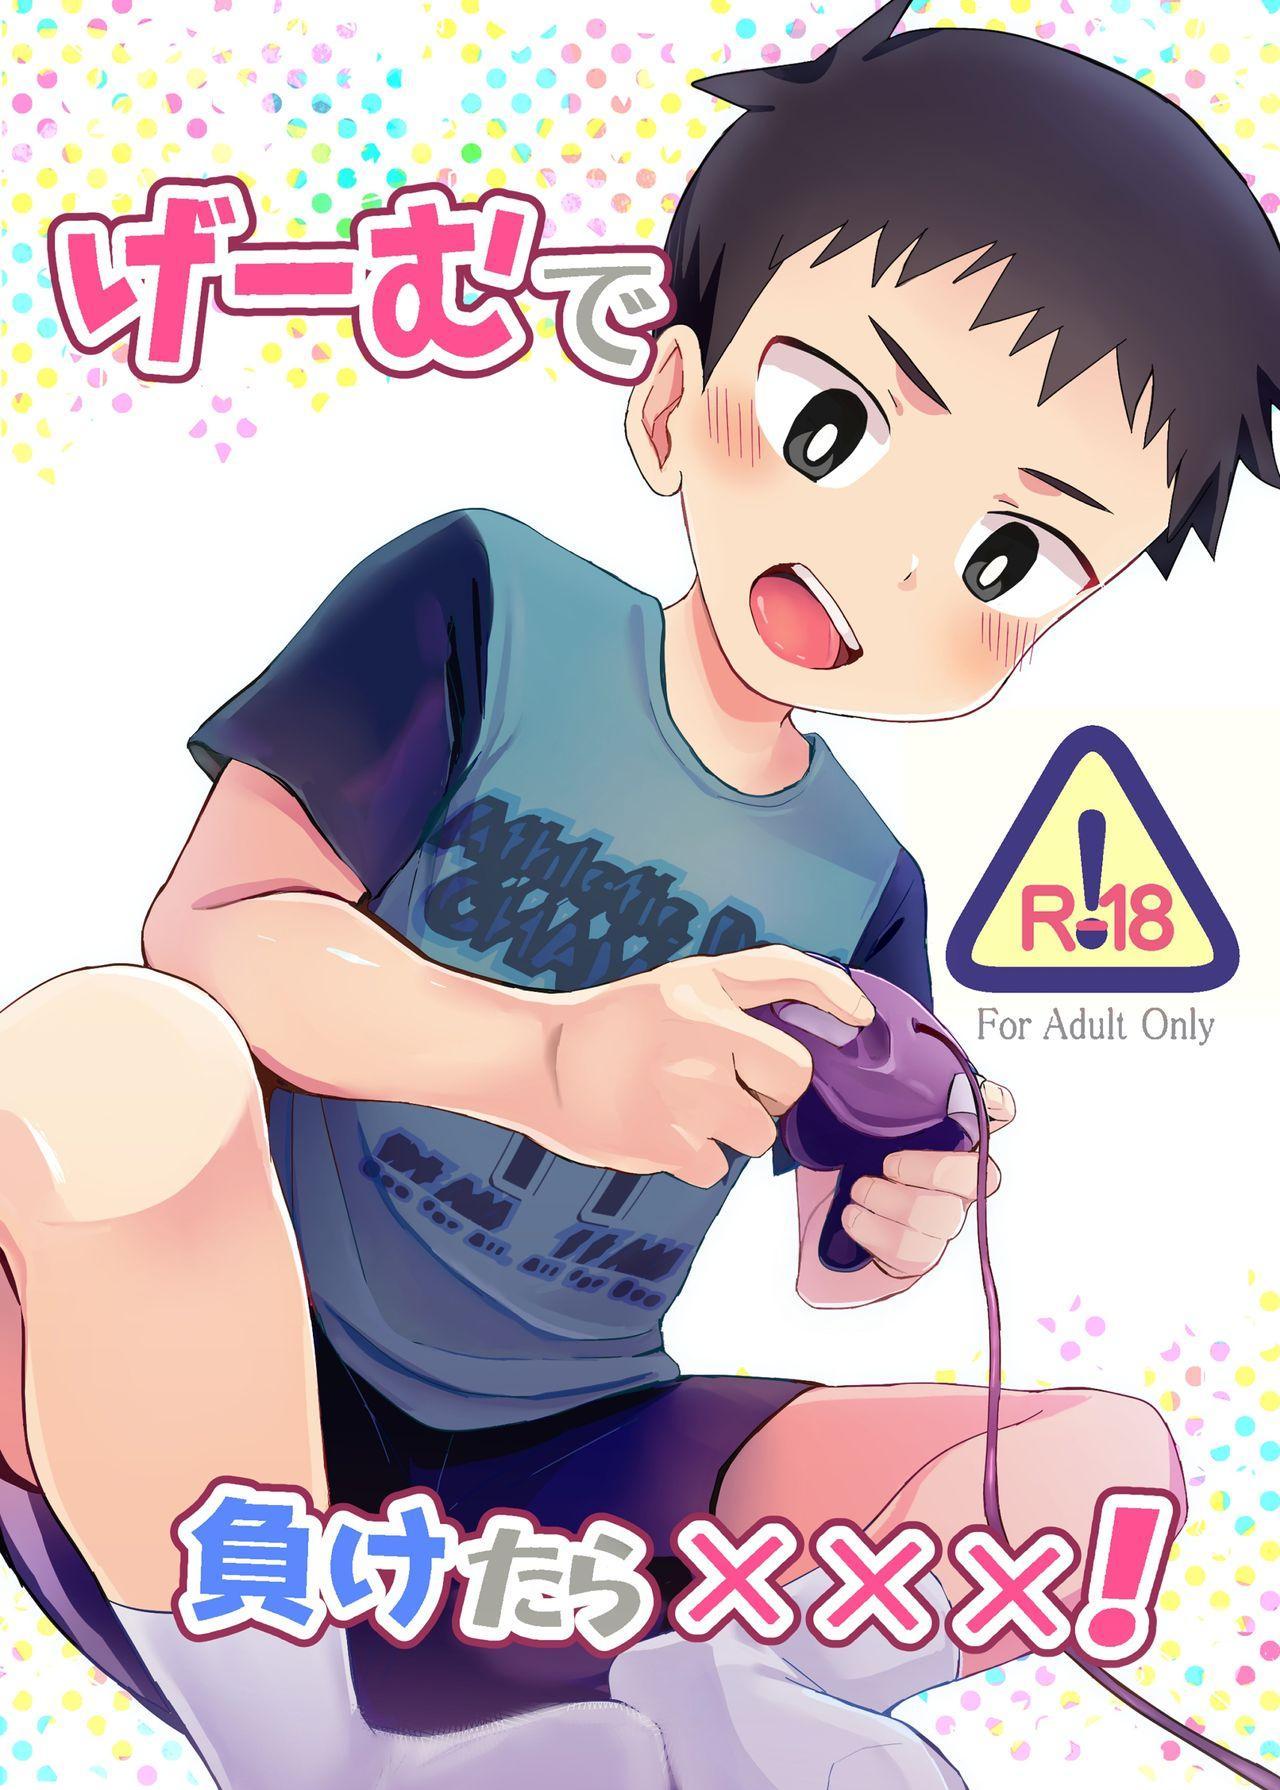 Game de Maketara xxx! 0